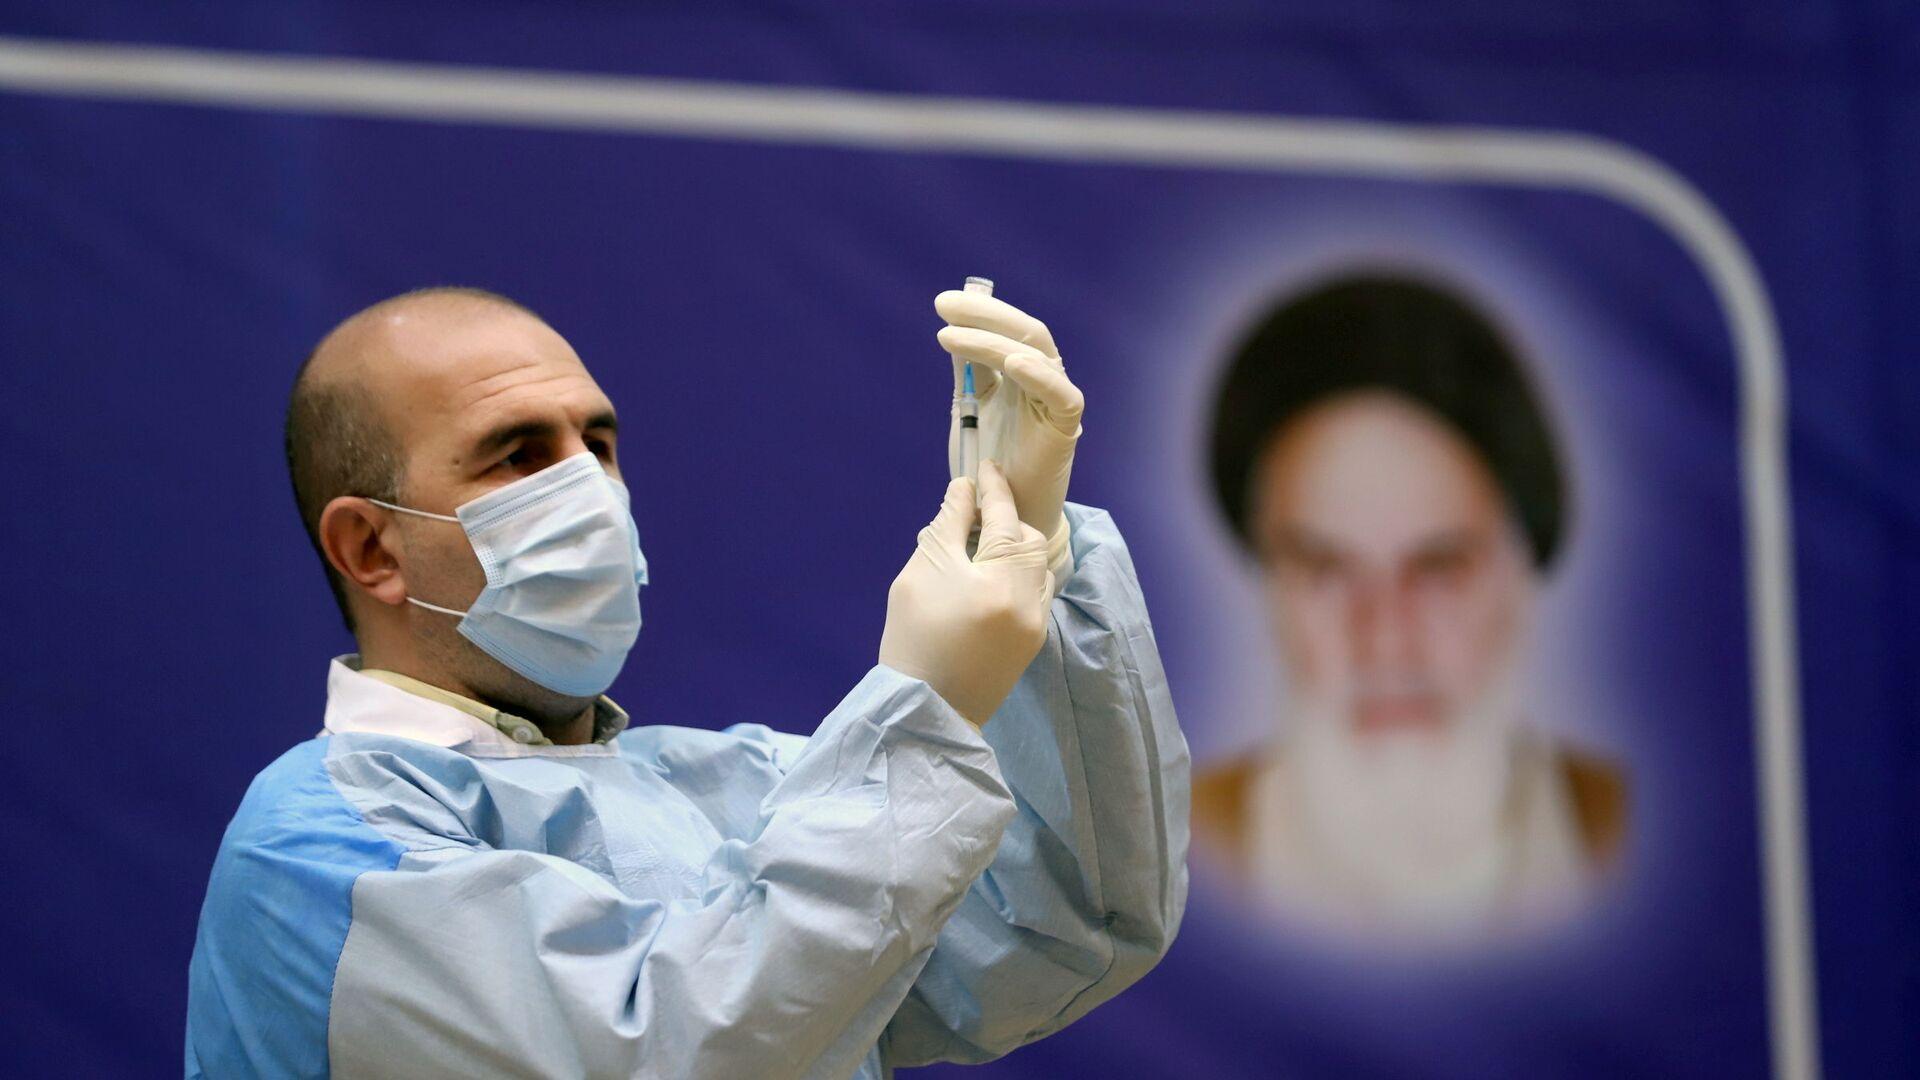 La inmunización contra el coronavirus con la vacuna rusa Sputnik V en Irán - Sputnik Mundo, 1920, 11.02.2021